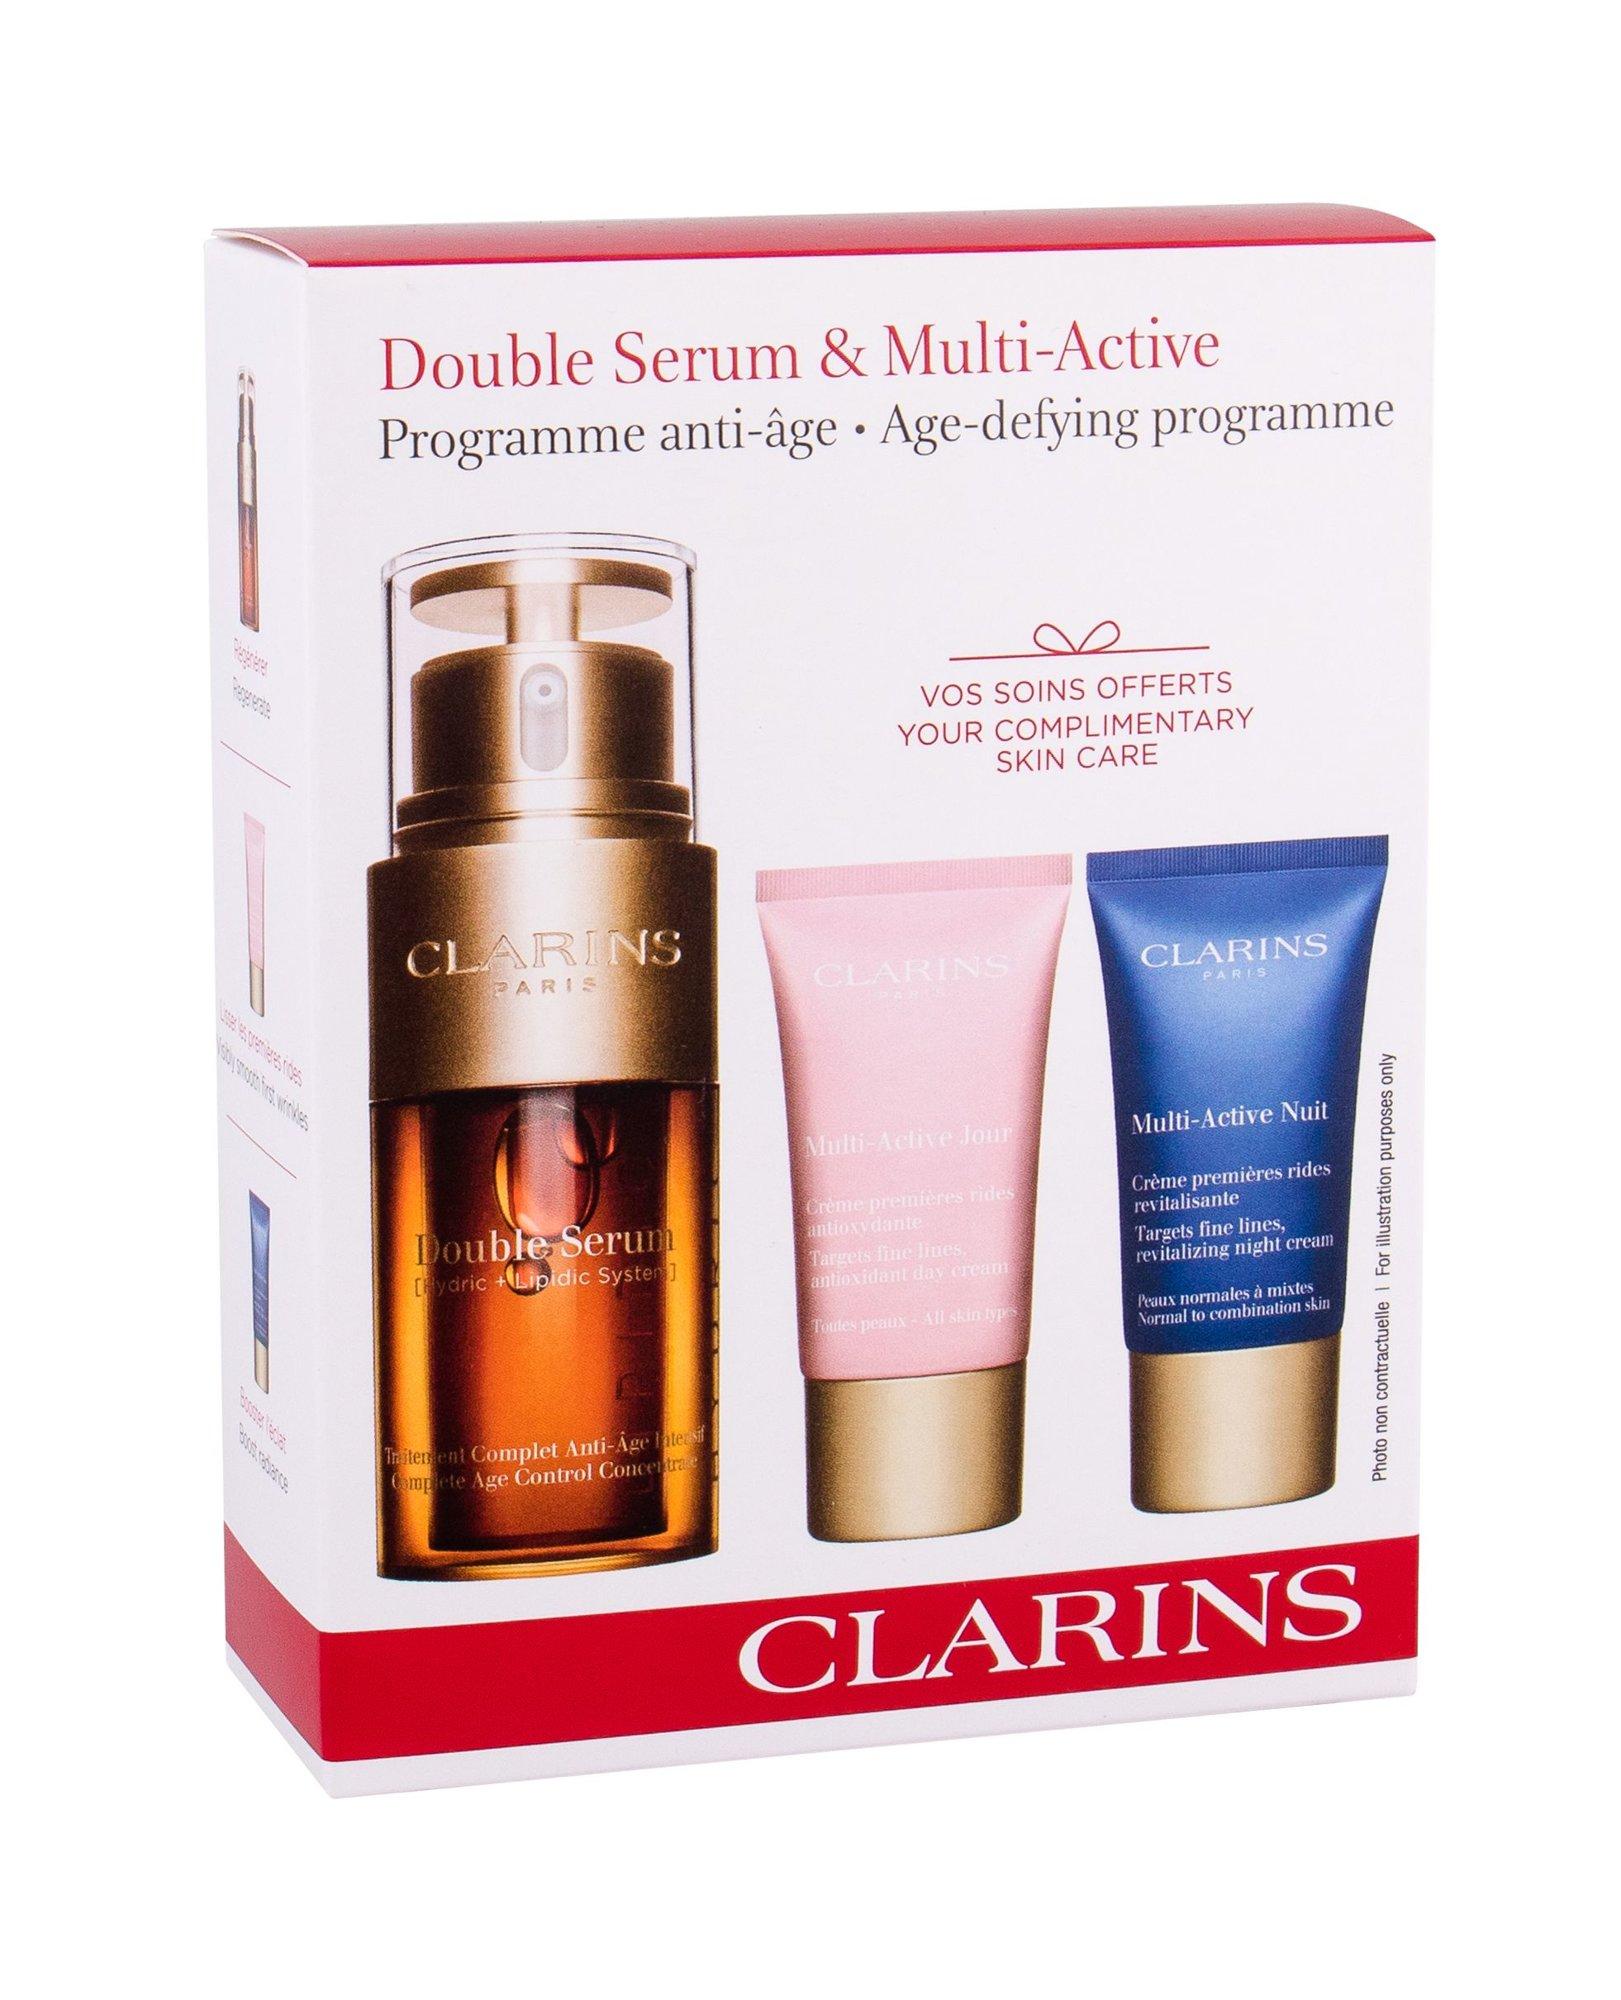 Clarins Double Serum Skin Serum 30ml